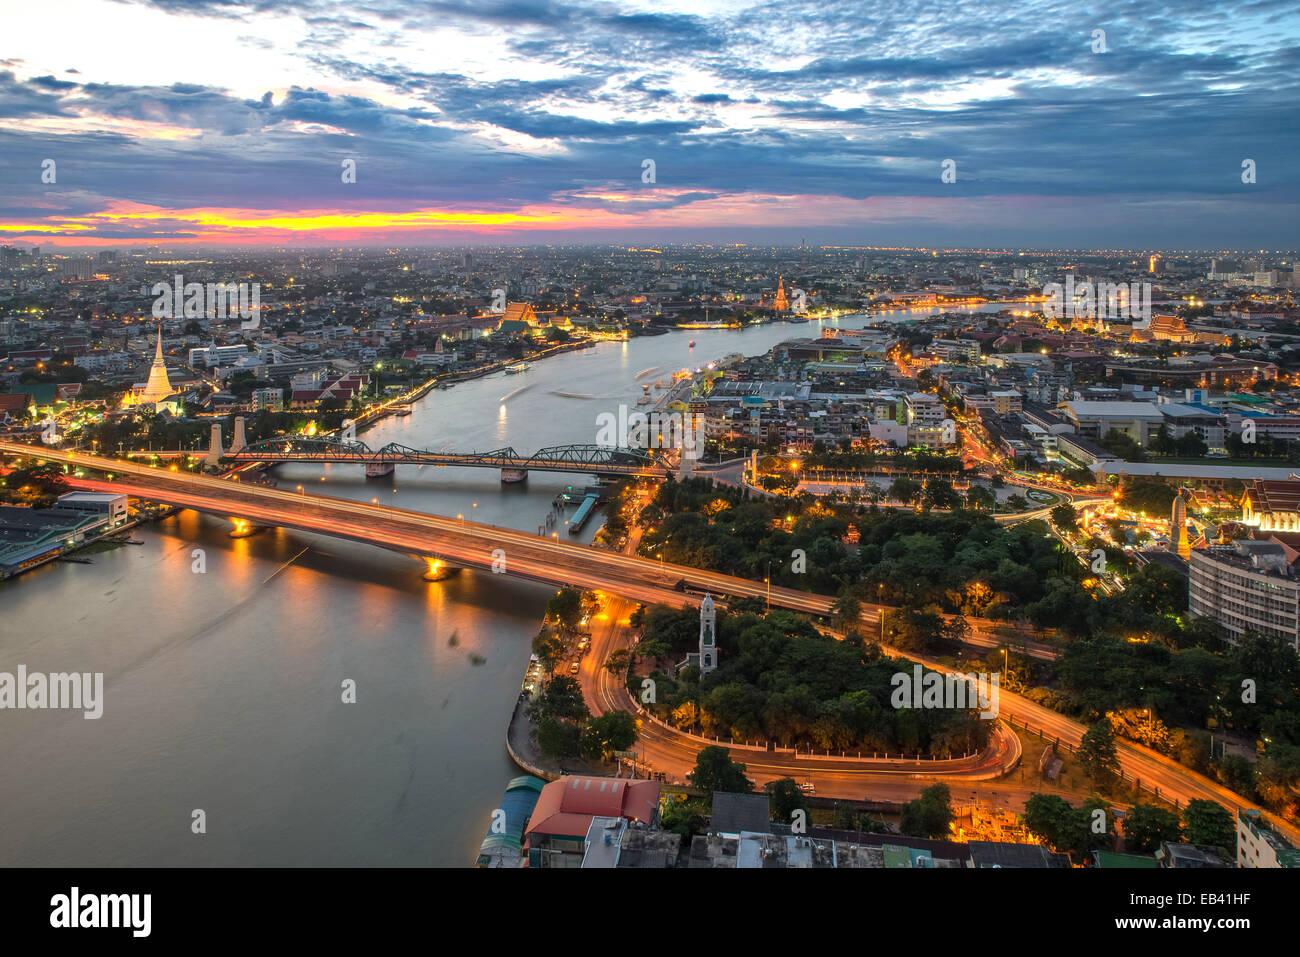 Blick auf die Stadt Bangkok am Chao Phraya River Stockbild